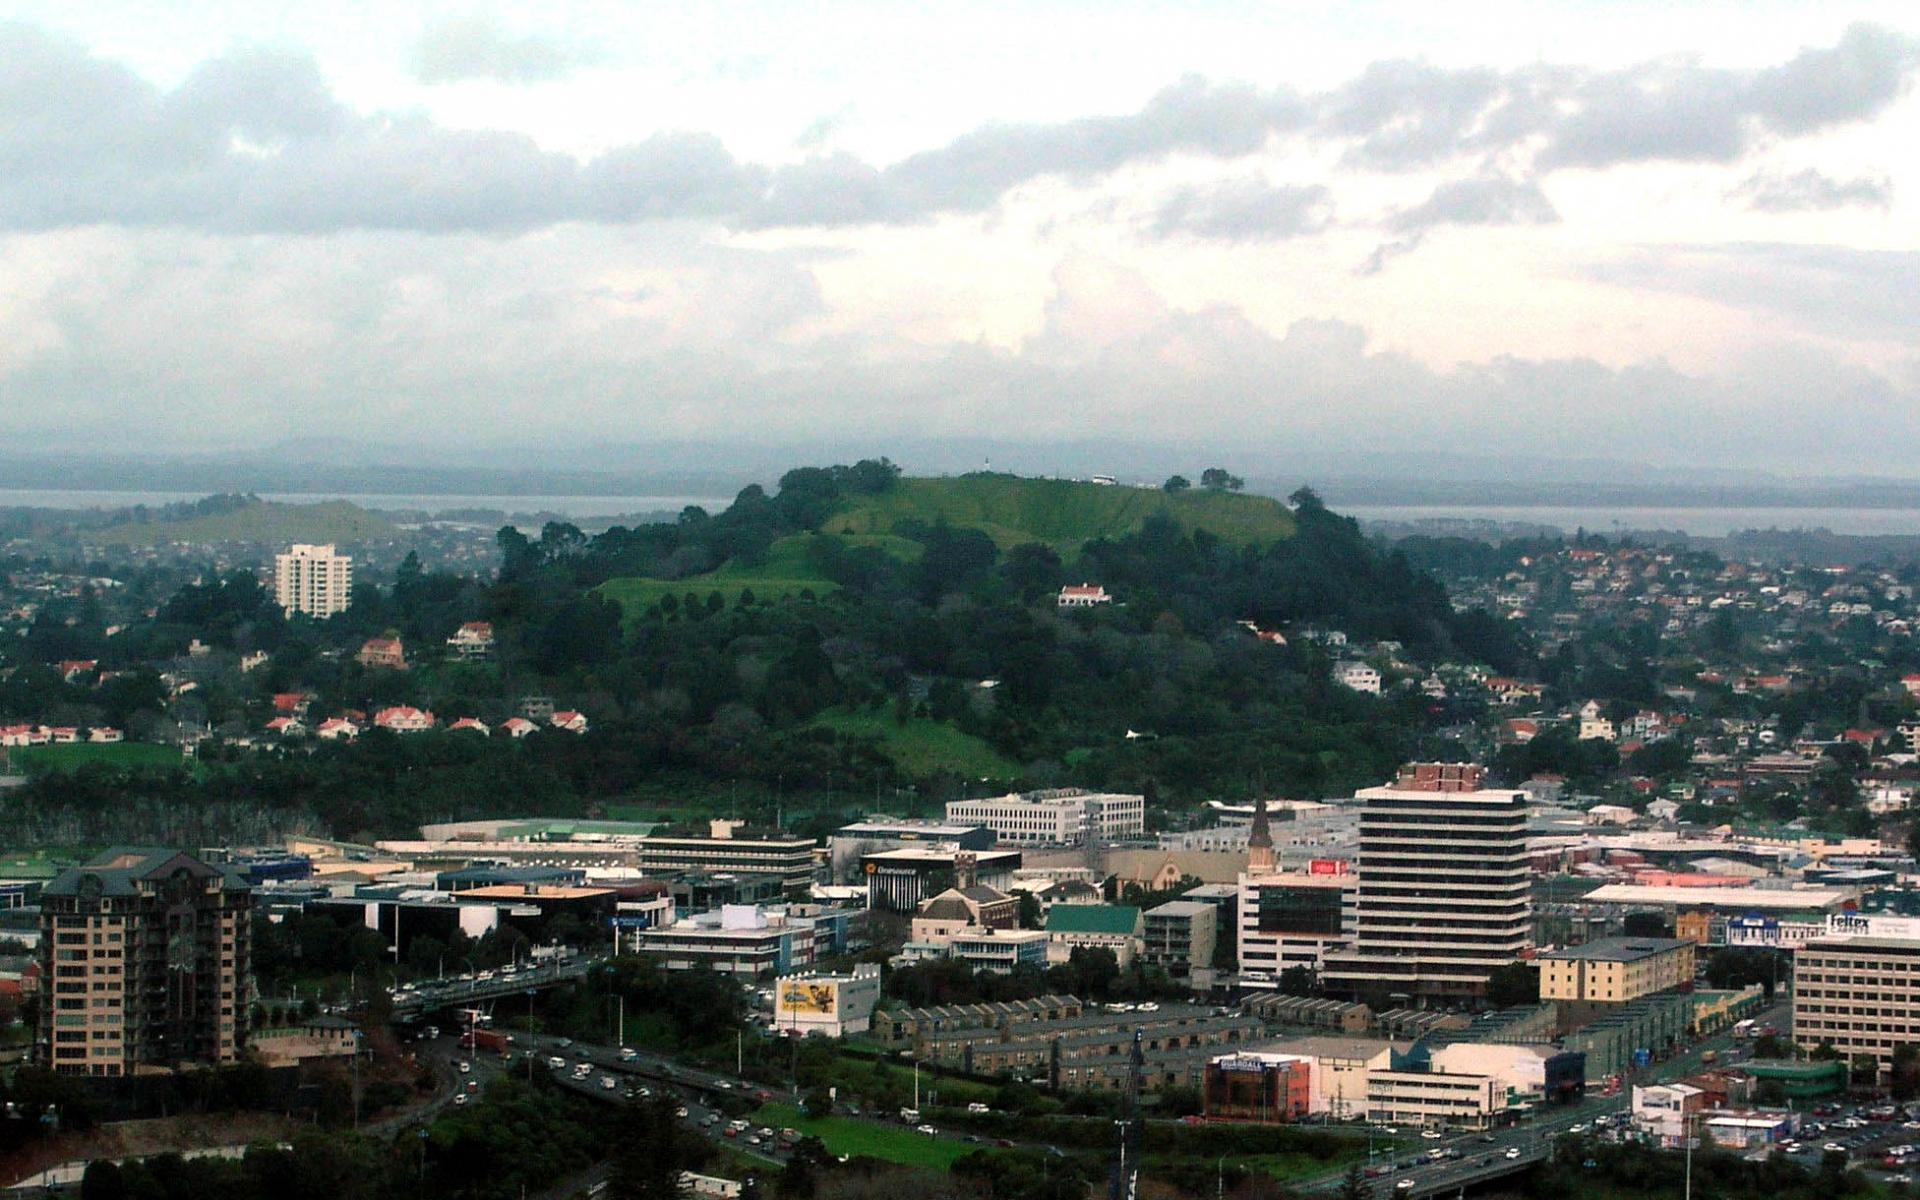 Картинки окленд, новая Зеландия, самый большой город фото и обои на рабочий стол